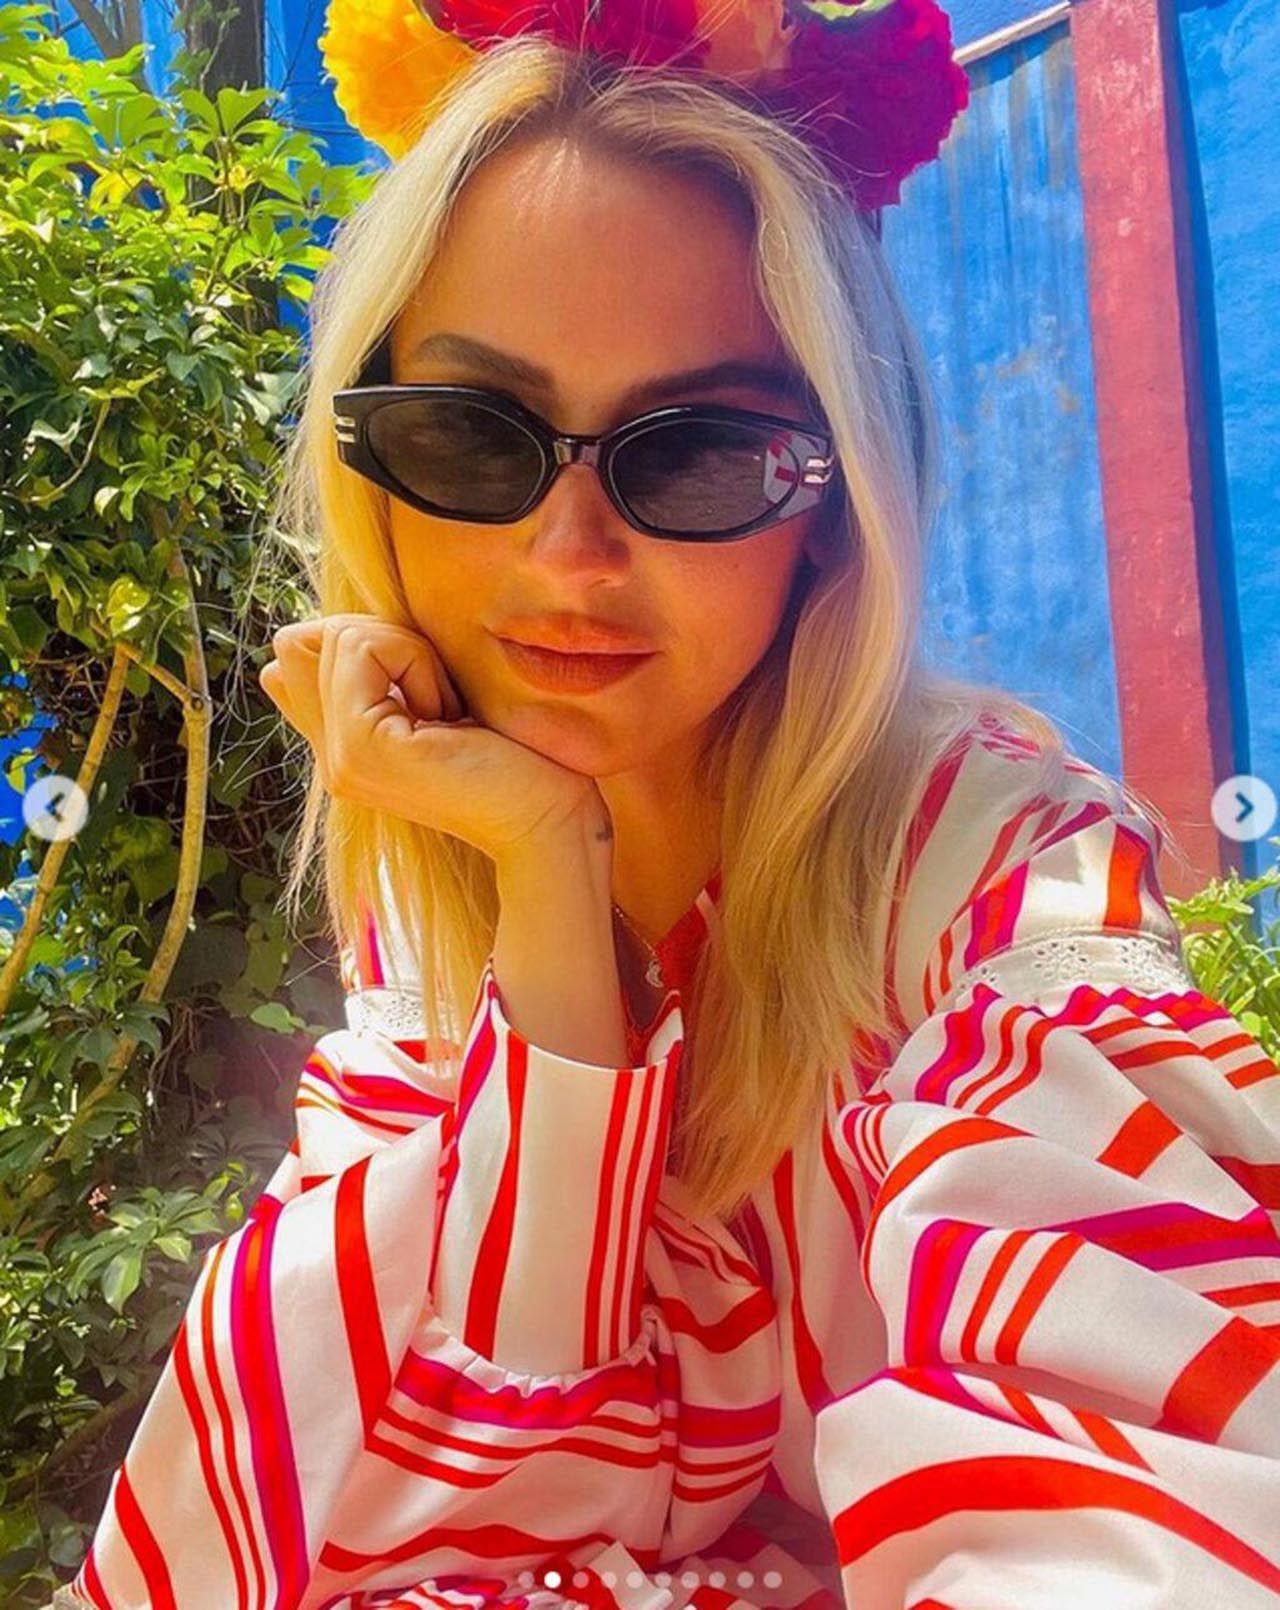 Sevgilisiyle Meksika'ya giden Hadise'den tatil pozları - Resim: 3